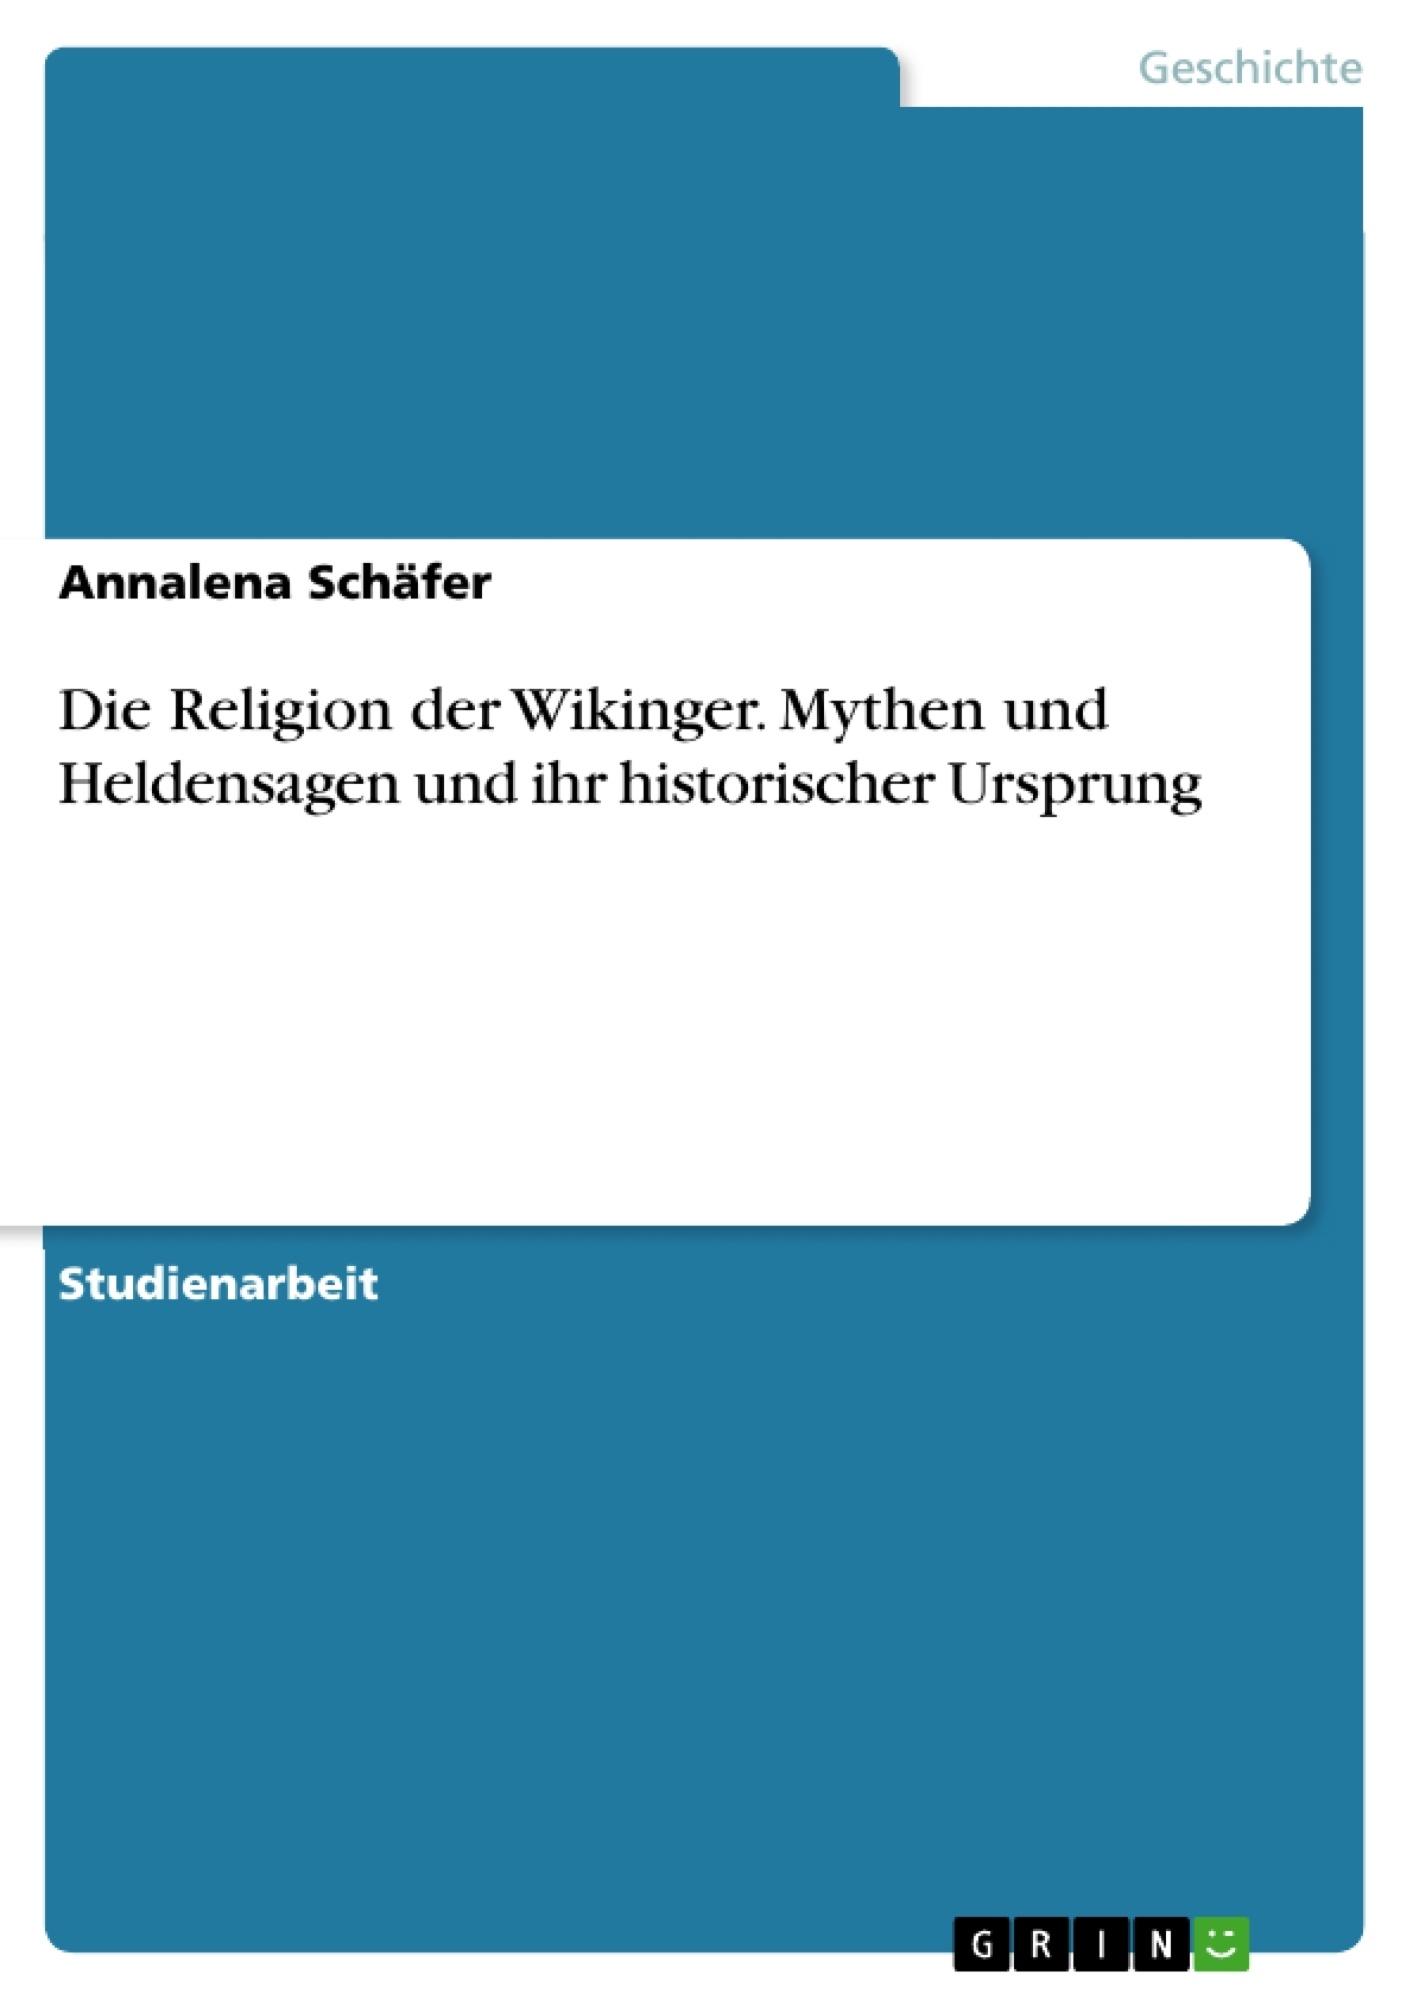 Titel: Die Religion der Wikinger. Mythen und Heldensagen und ihr historischer Ursprung